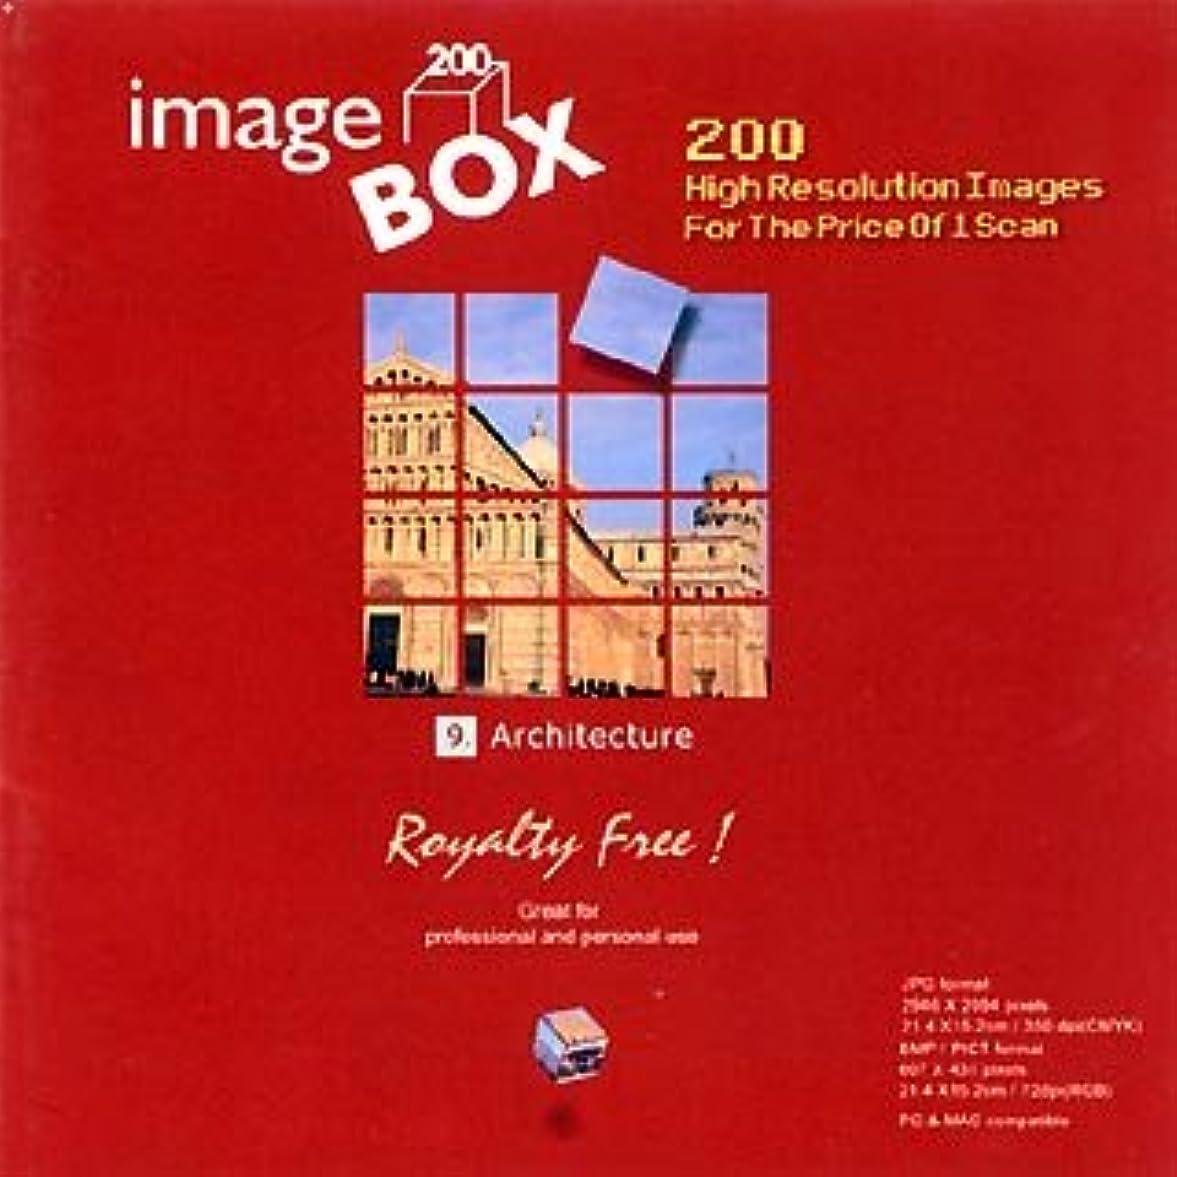 場合下手大陸イメージ ボックス Vol.9 建物